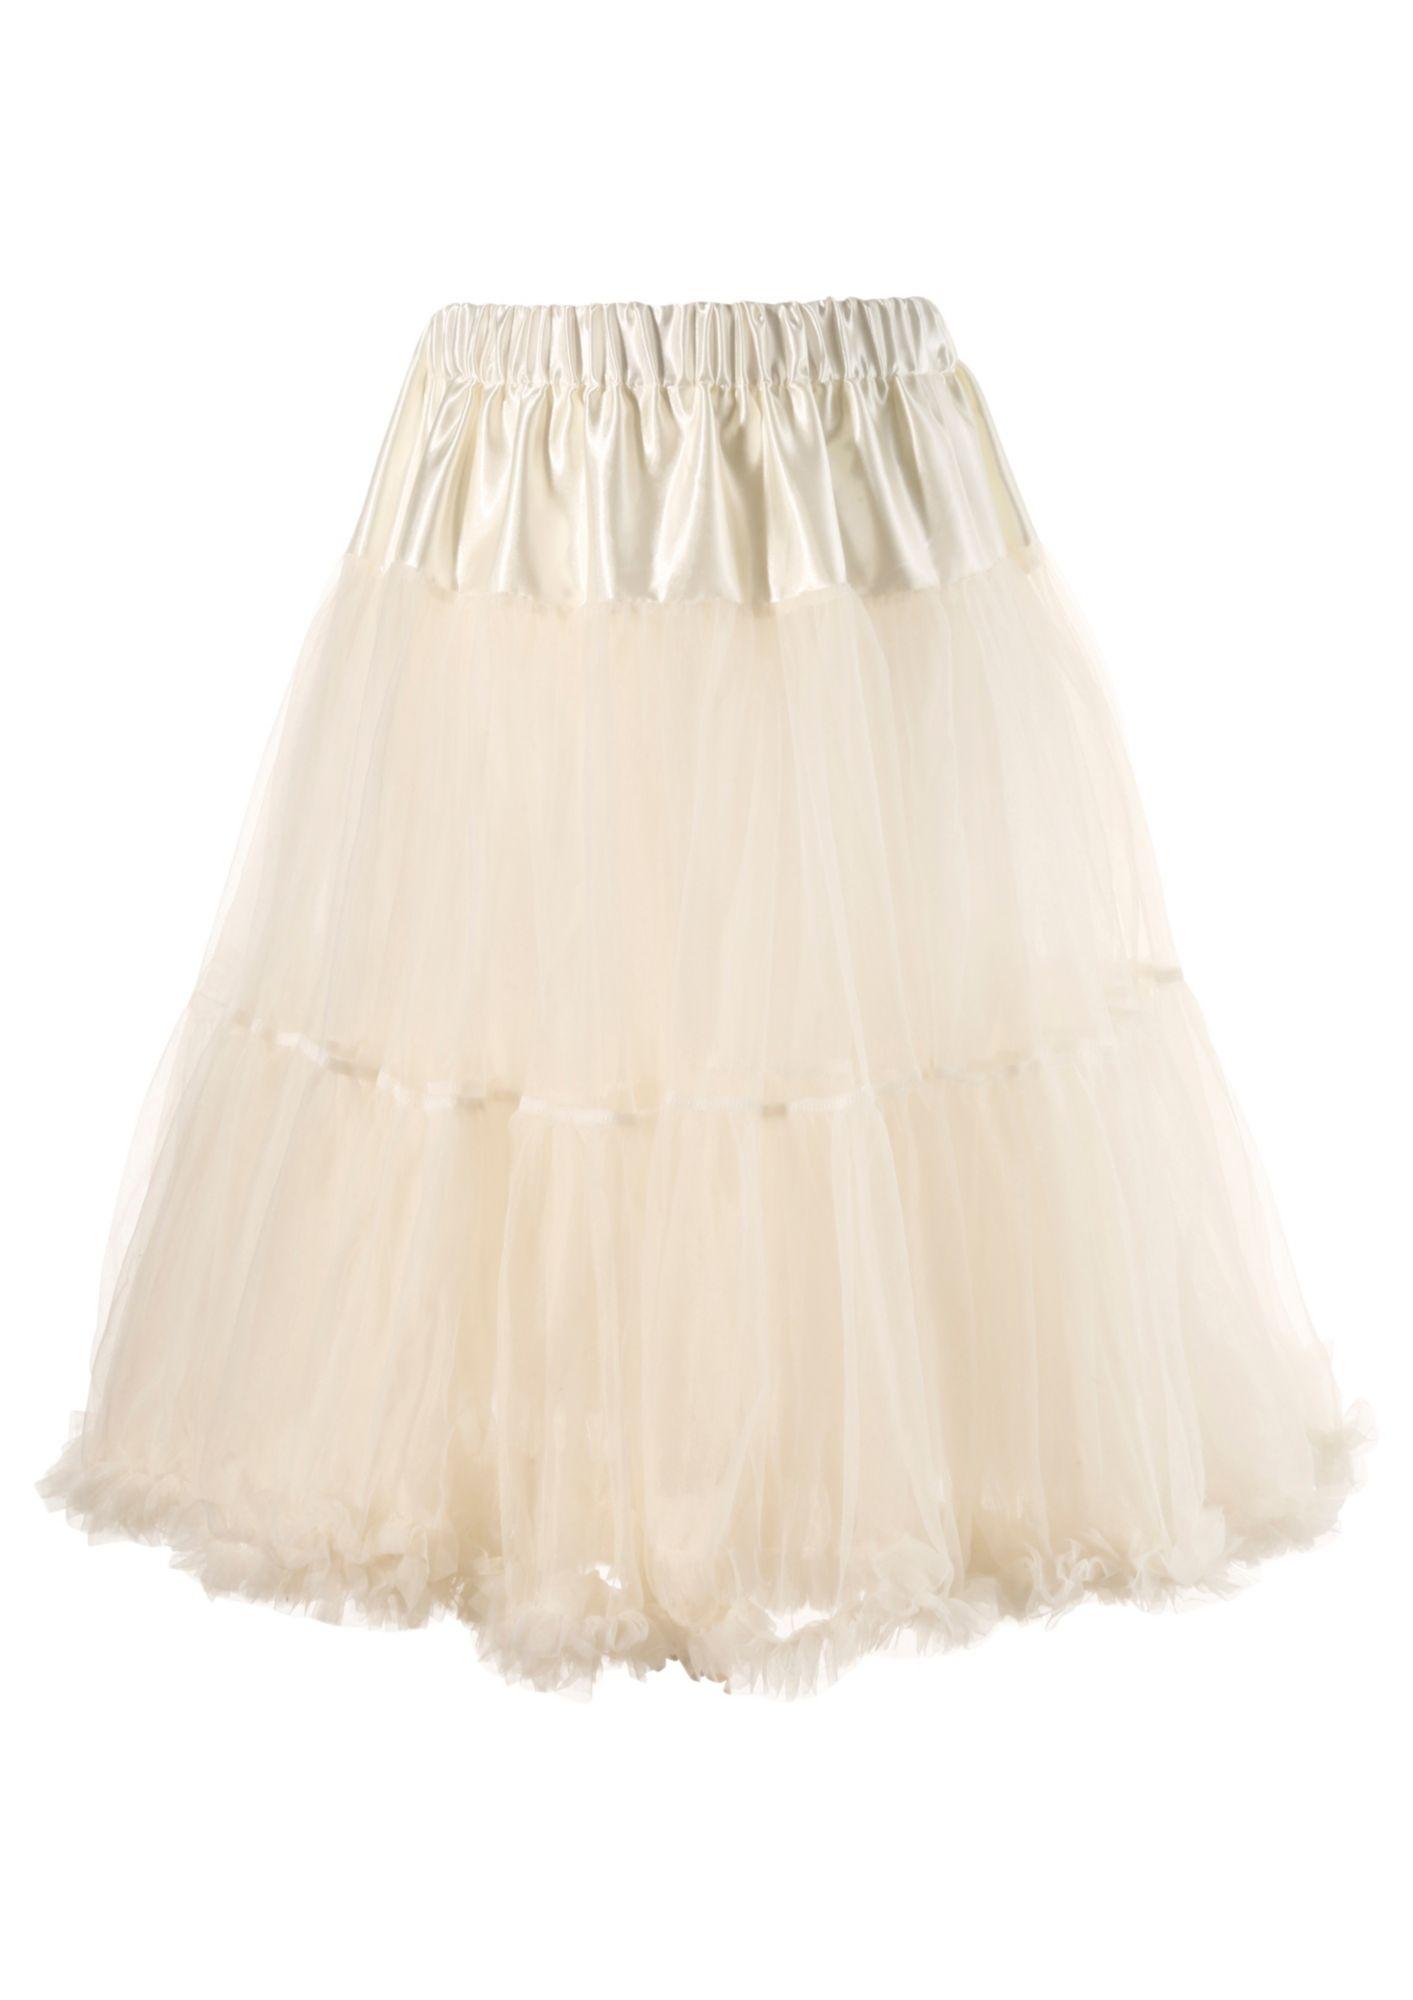 MARJO Petticoat Länge ca. 70 cm, Marjo